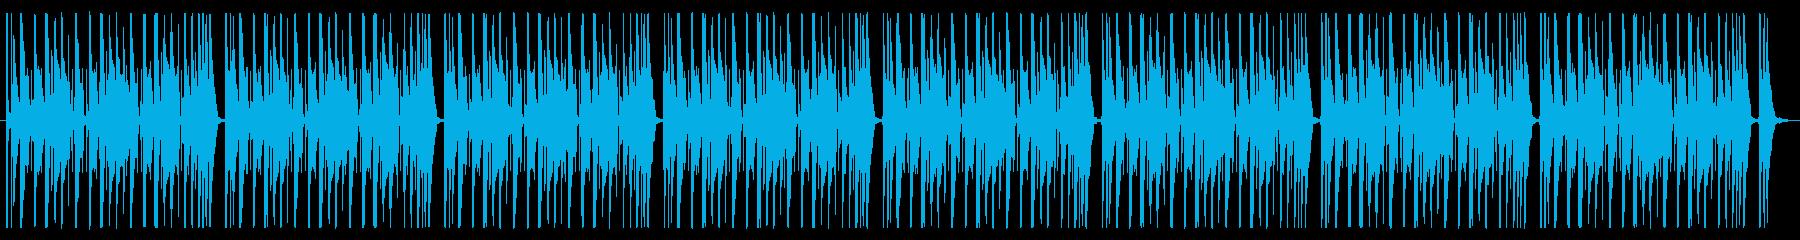 ファンキーなバンドサウンドのBGMの再生済みの波形